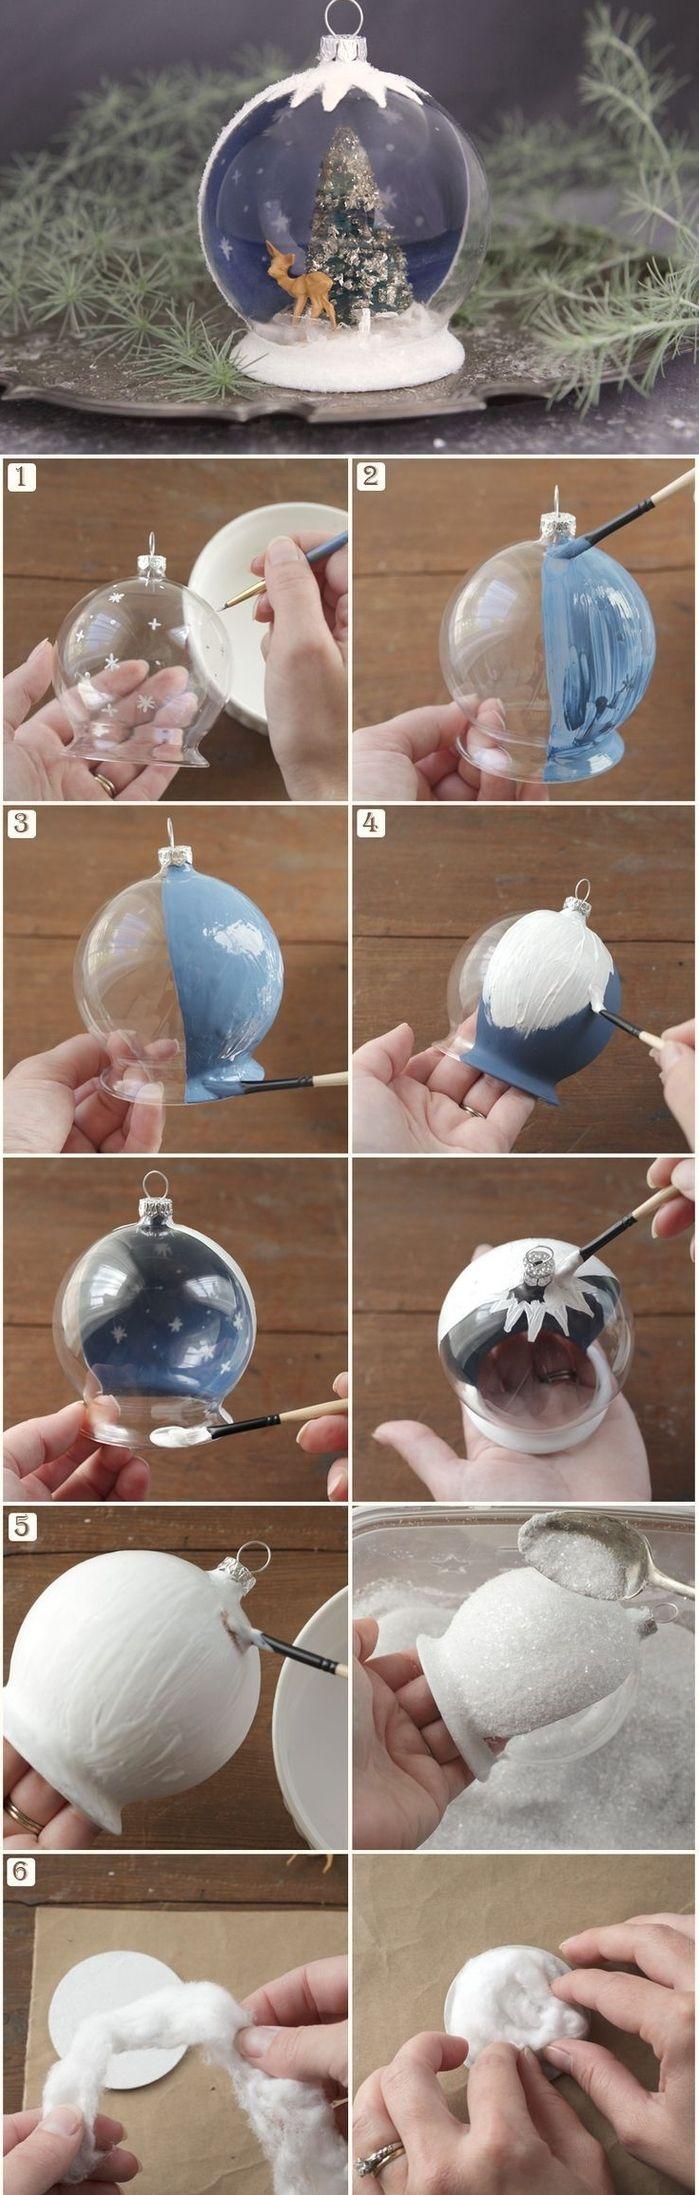 1001 id es comment fabriquer une boule neige cet hiver. Black Bedroom Furniture Sets. Home Design Ideas